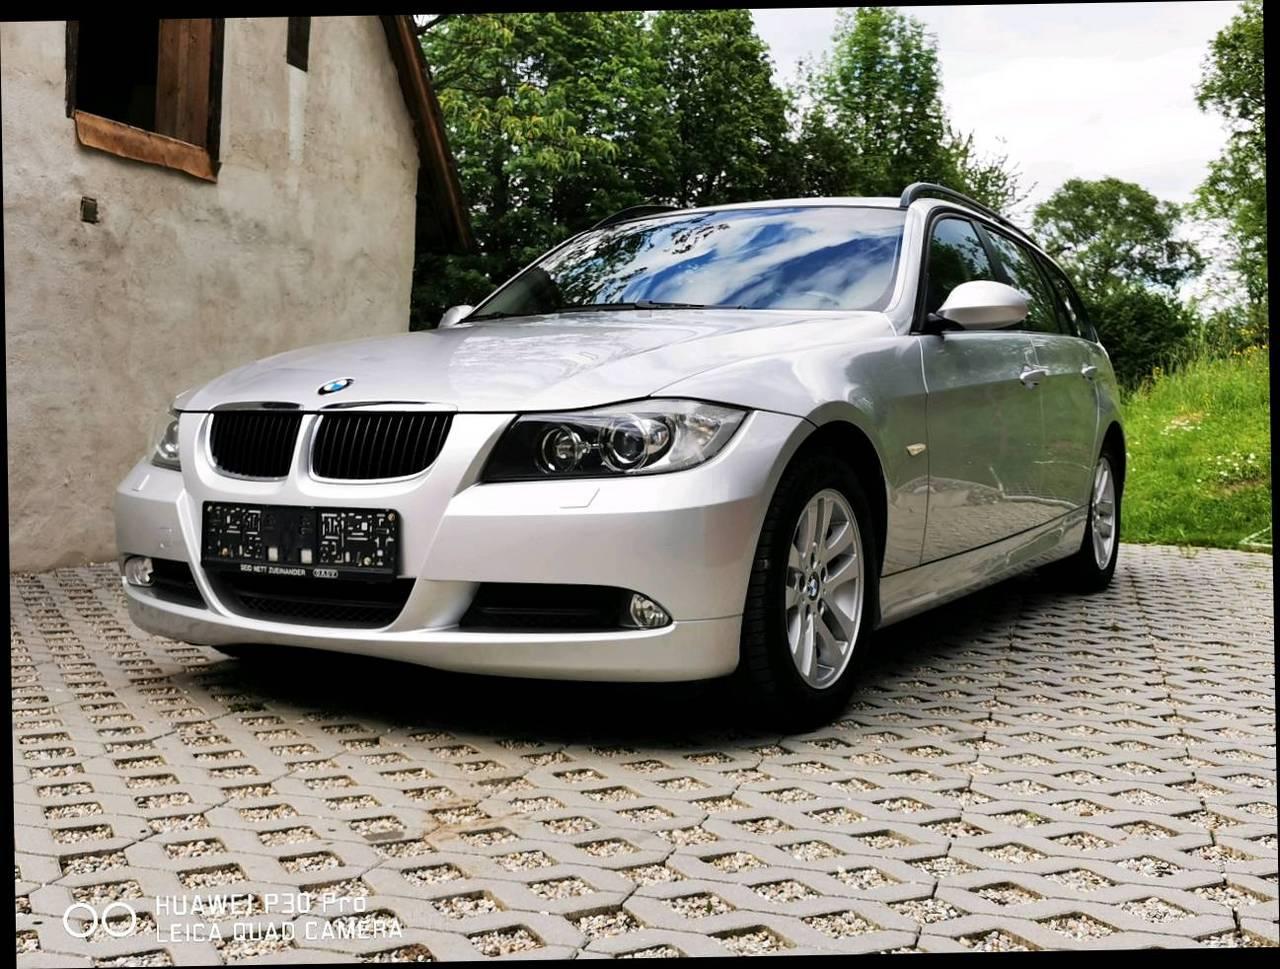 BMW: BMW 318d Touring gebraucht kaufen - Landwirt.com